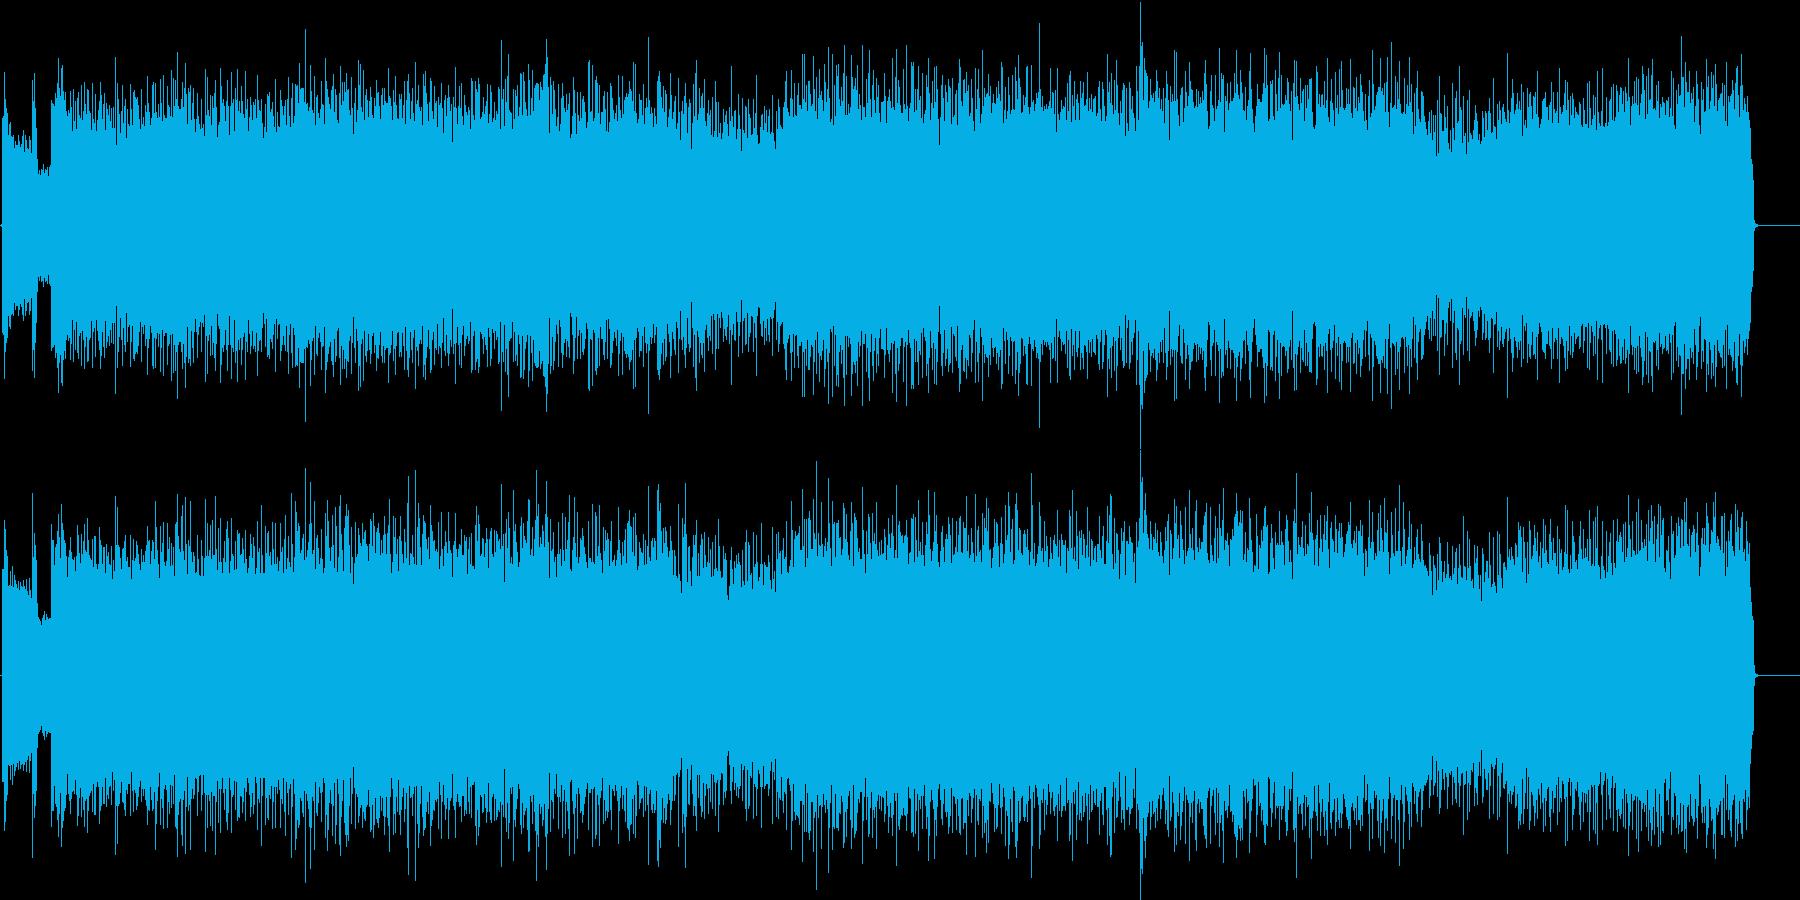 ドラマティックなマイナーハードロックの再生済みの波形